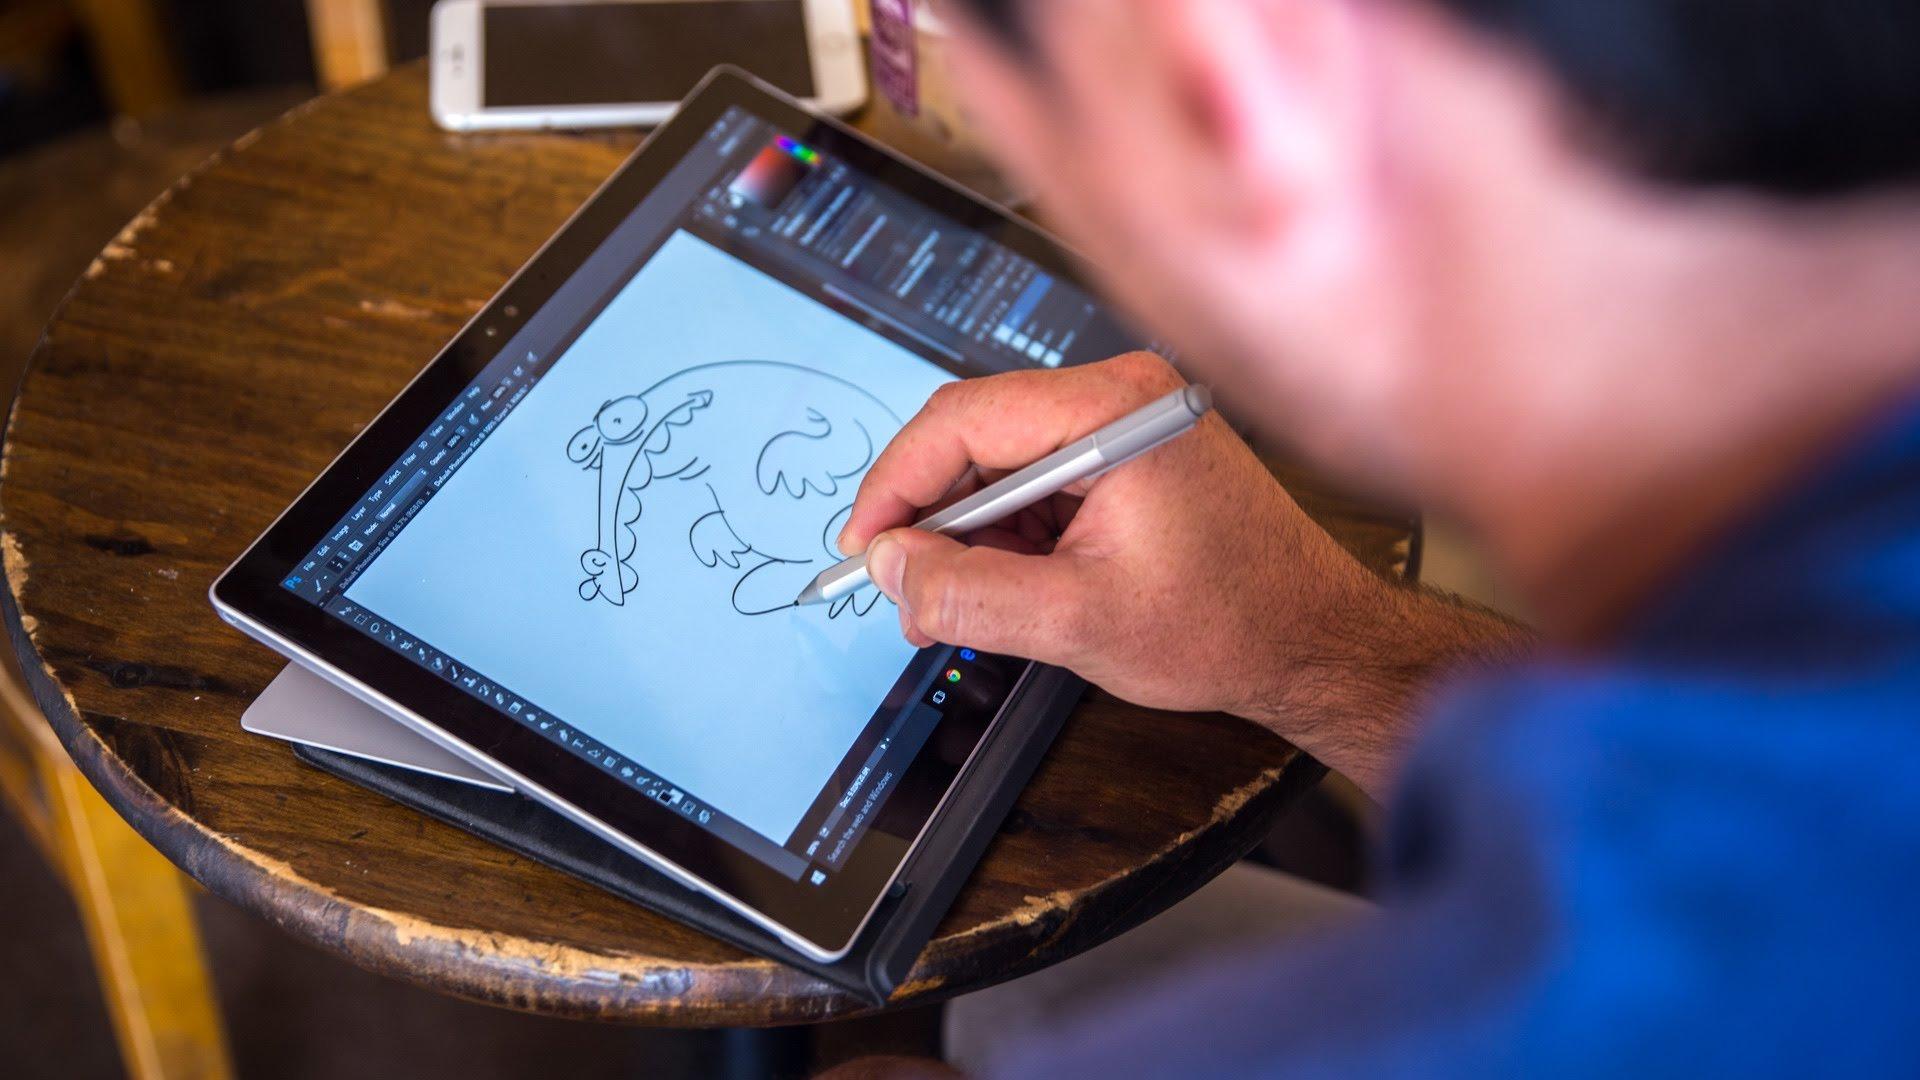 Владельцы Microsoft Surface Pro 4 лечат планшет заморозкой